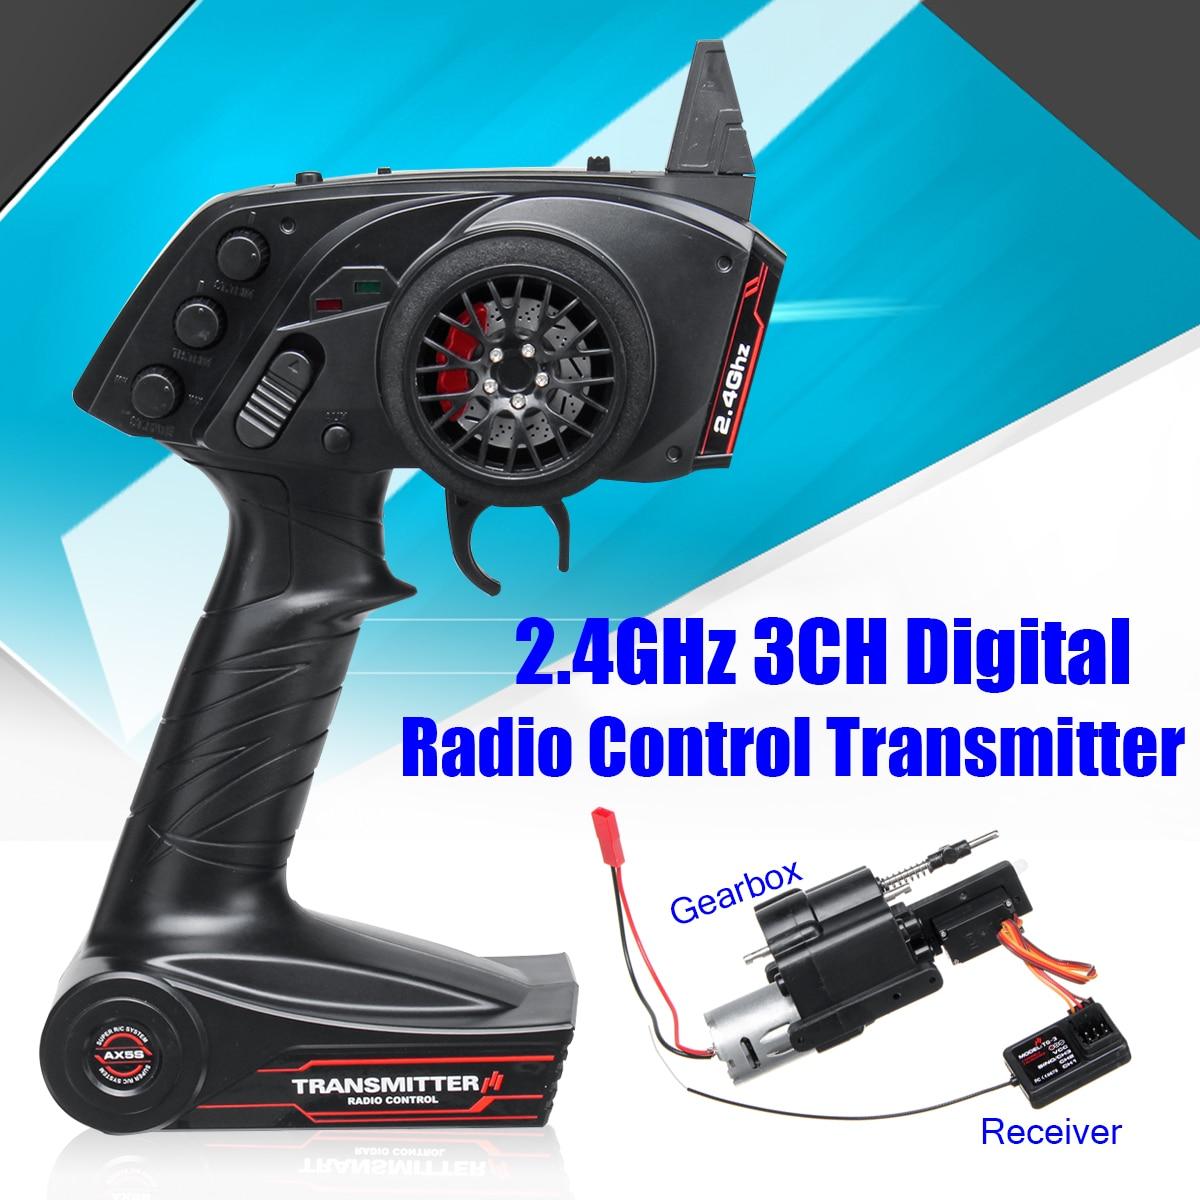 Радиоуправляемый автомобиль радио передатчик и Скорость изменить Шестерни коробка дроссельной заслонки предел диапазона для WPL 3CH B1 B24 B16 C24 ...